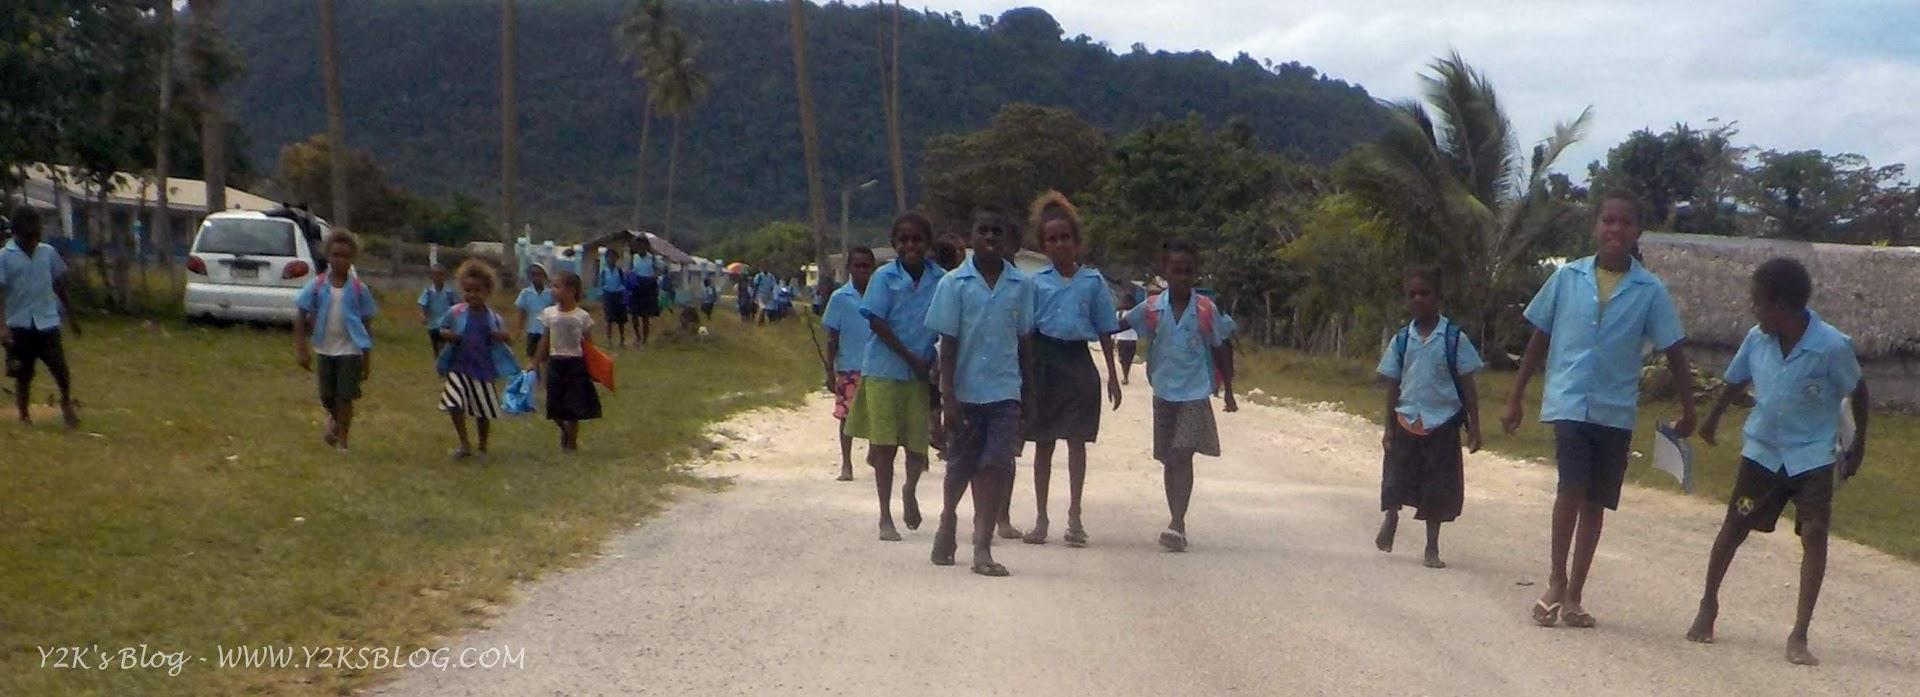 Bimbi e ragazzi all'uscita da scuola - Port Orly